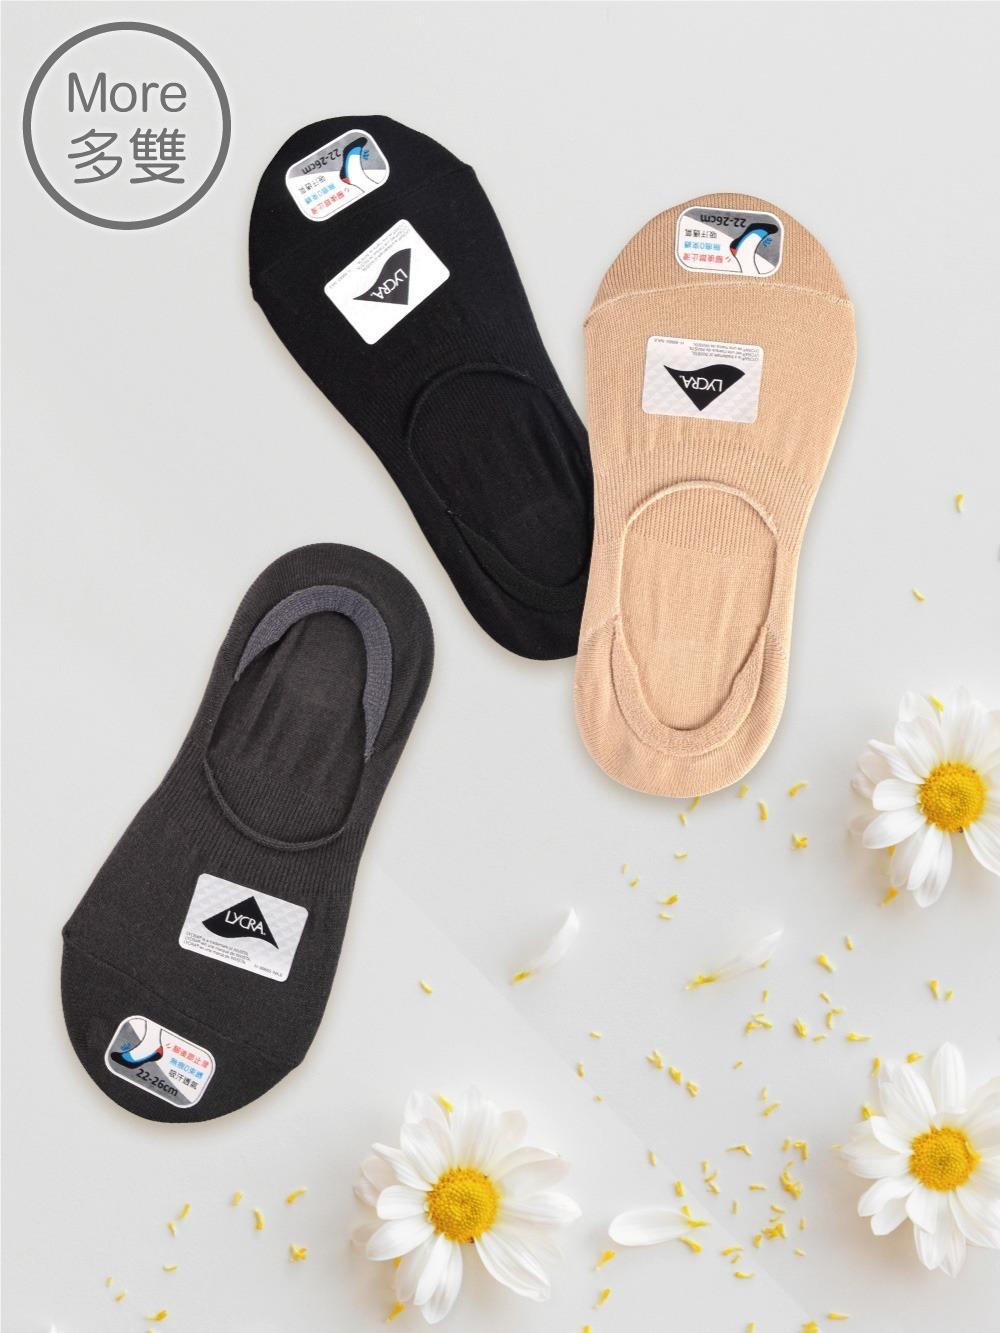 貝柔(6雙)0束痕柔棉止滑襪套-帆船鞋款(純色)